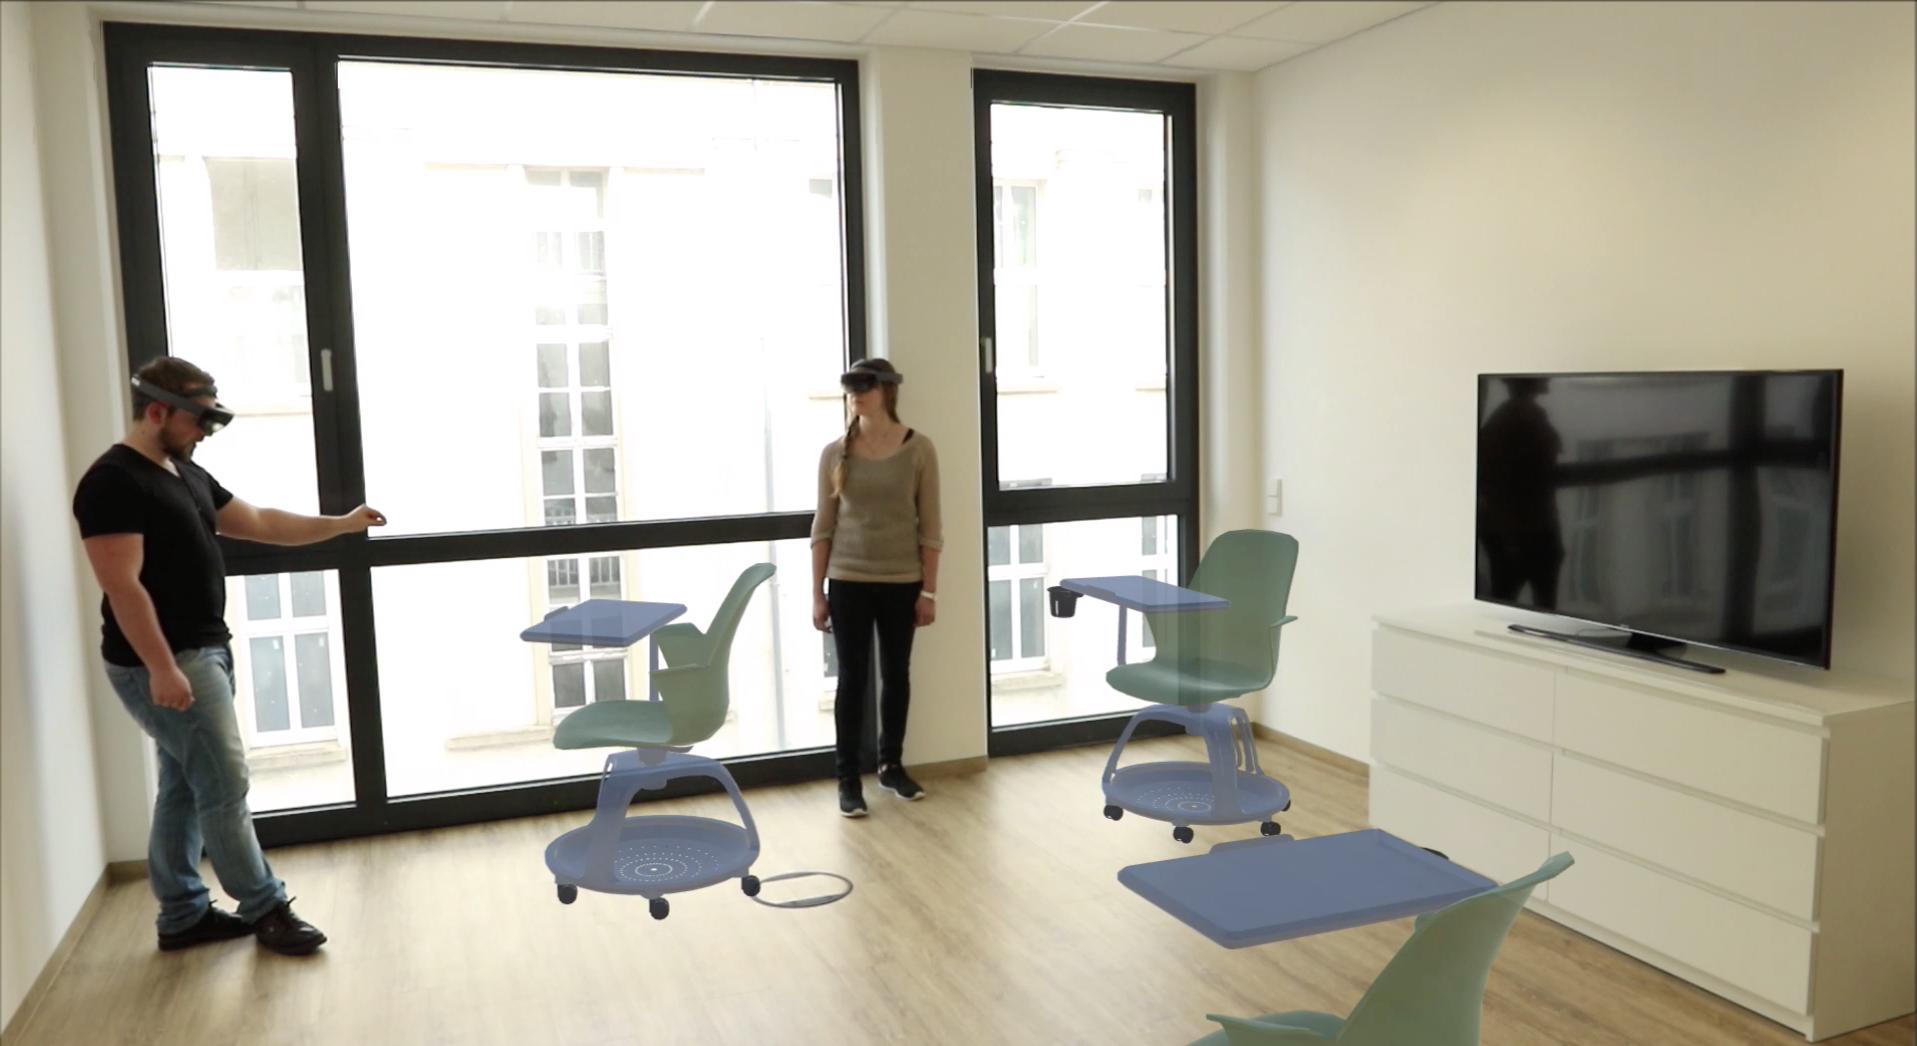 Von Hololens Zu Holofurnish Die Zukunft Des Interior Designs Mit Medialesson Mixed Reality